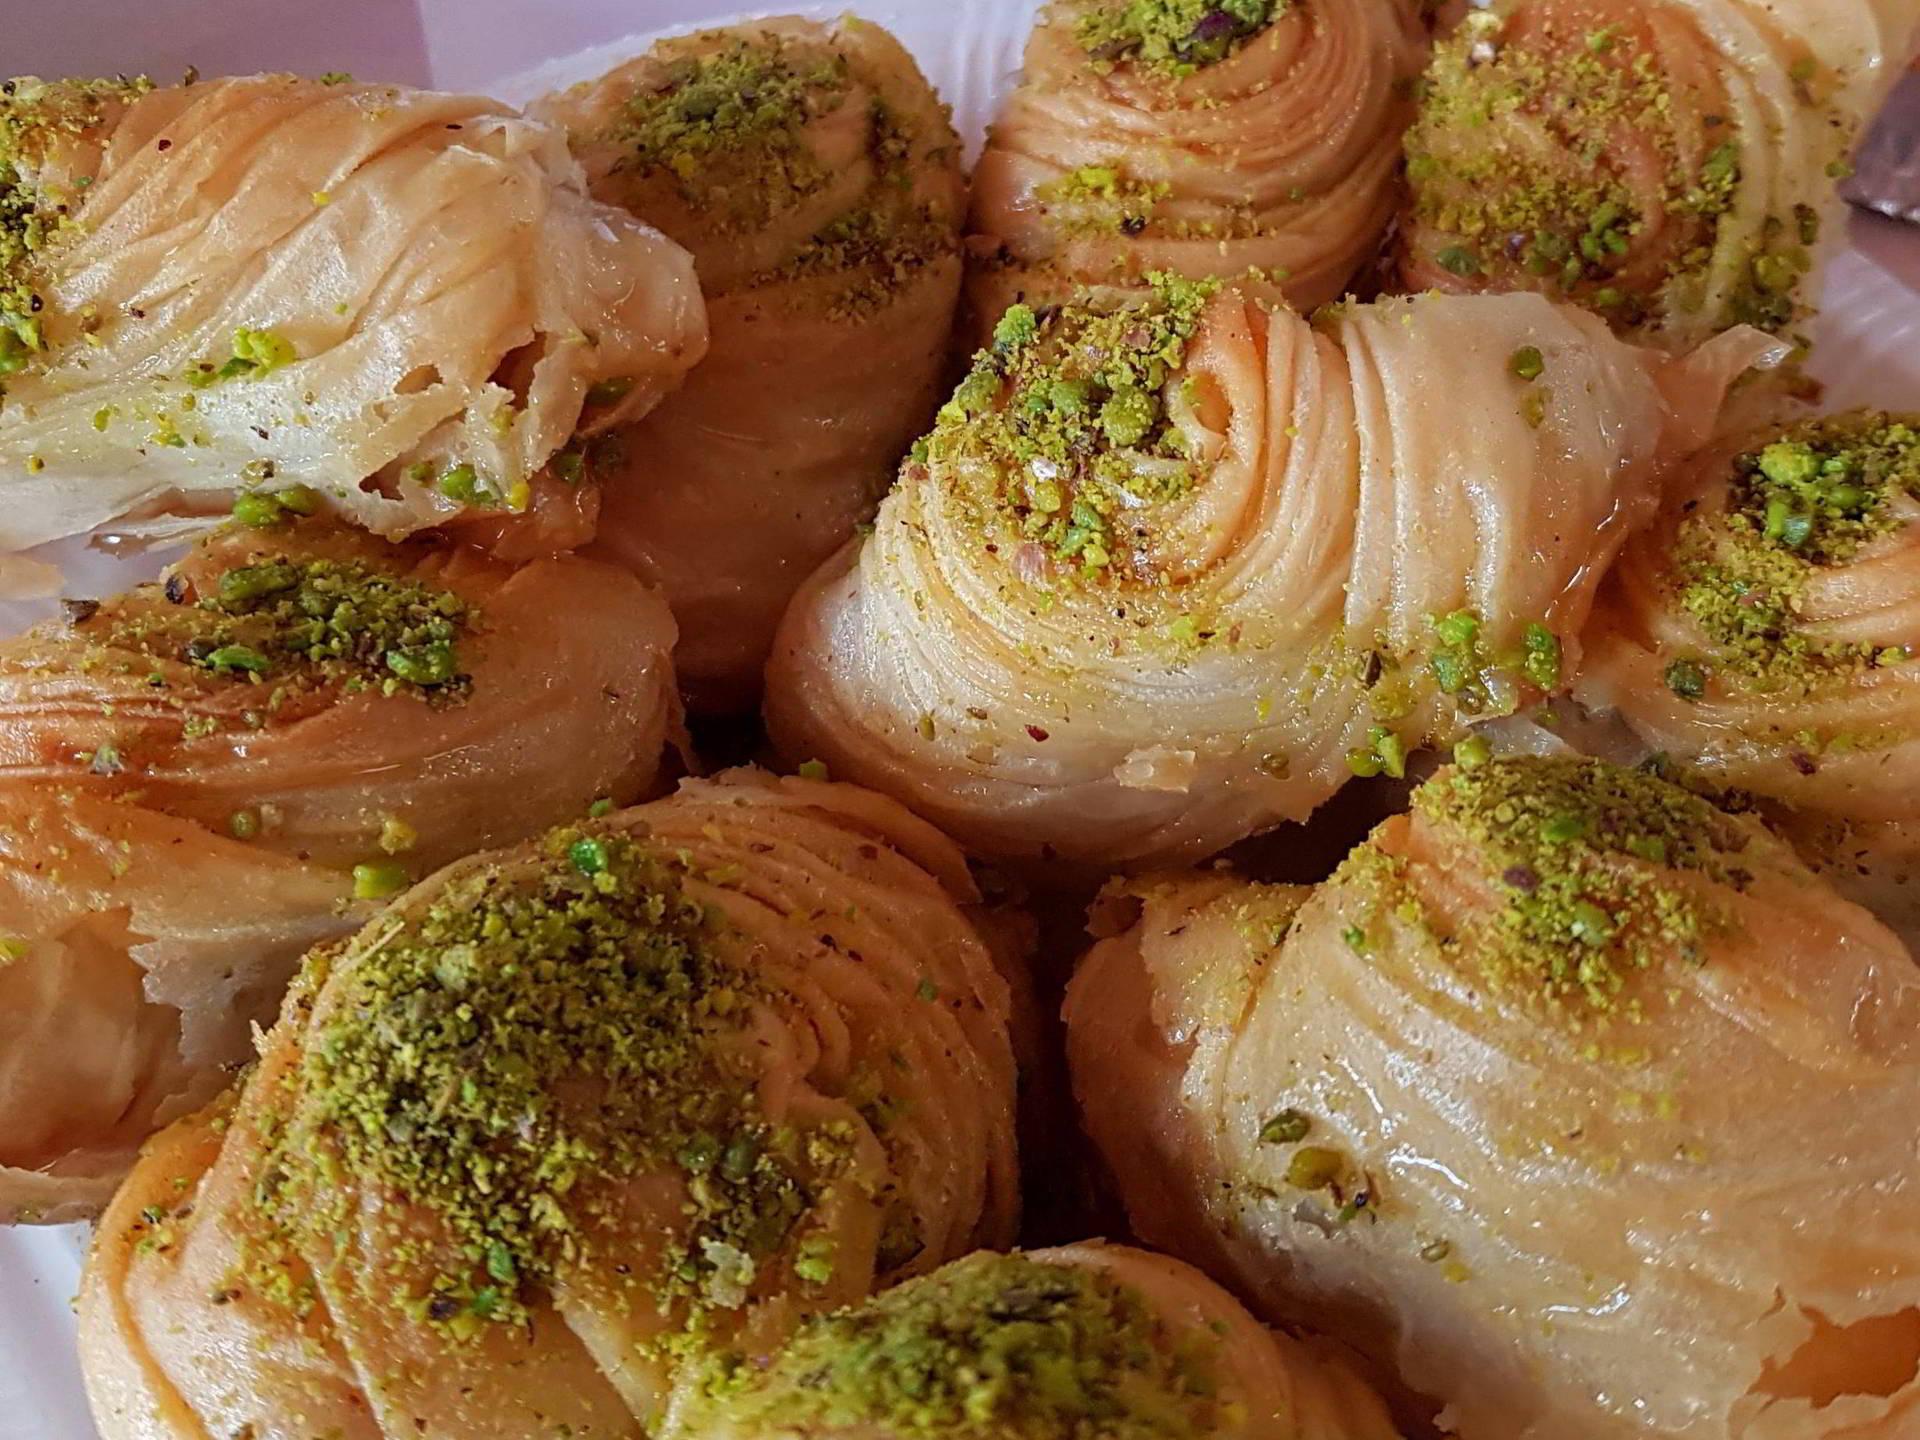 Începe Bayram-ul dulciurilor. Tradițiile și obiceiurile musulmanilor de Ramazan Bayram